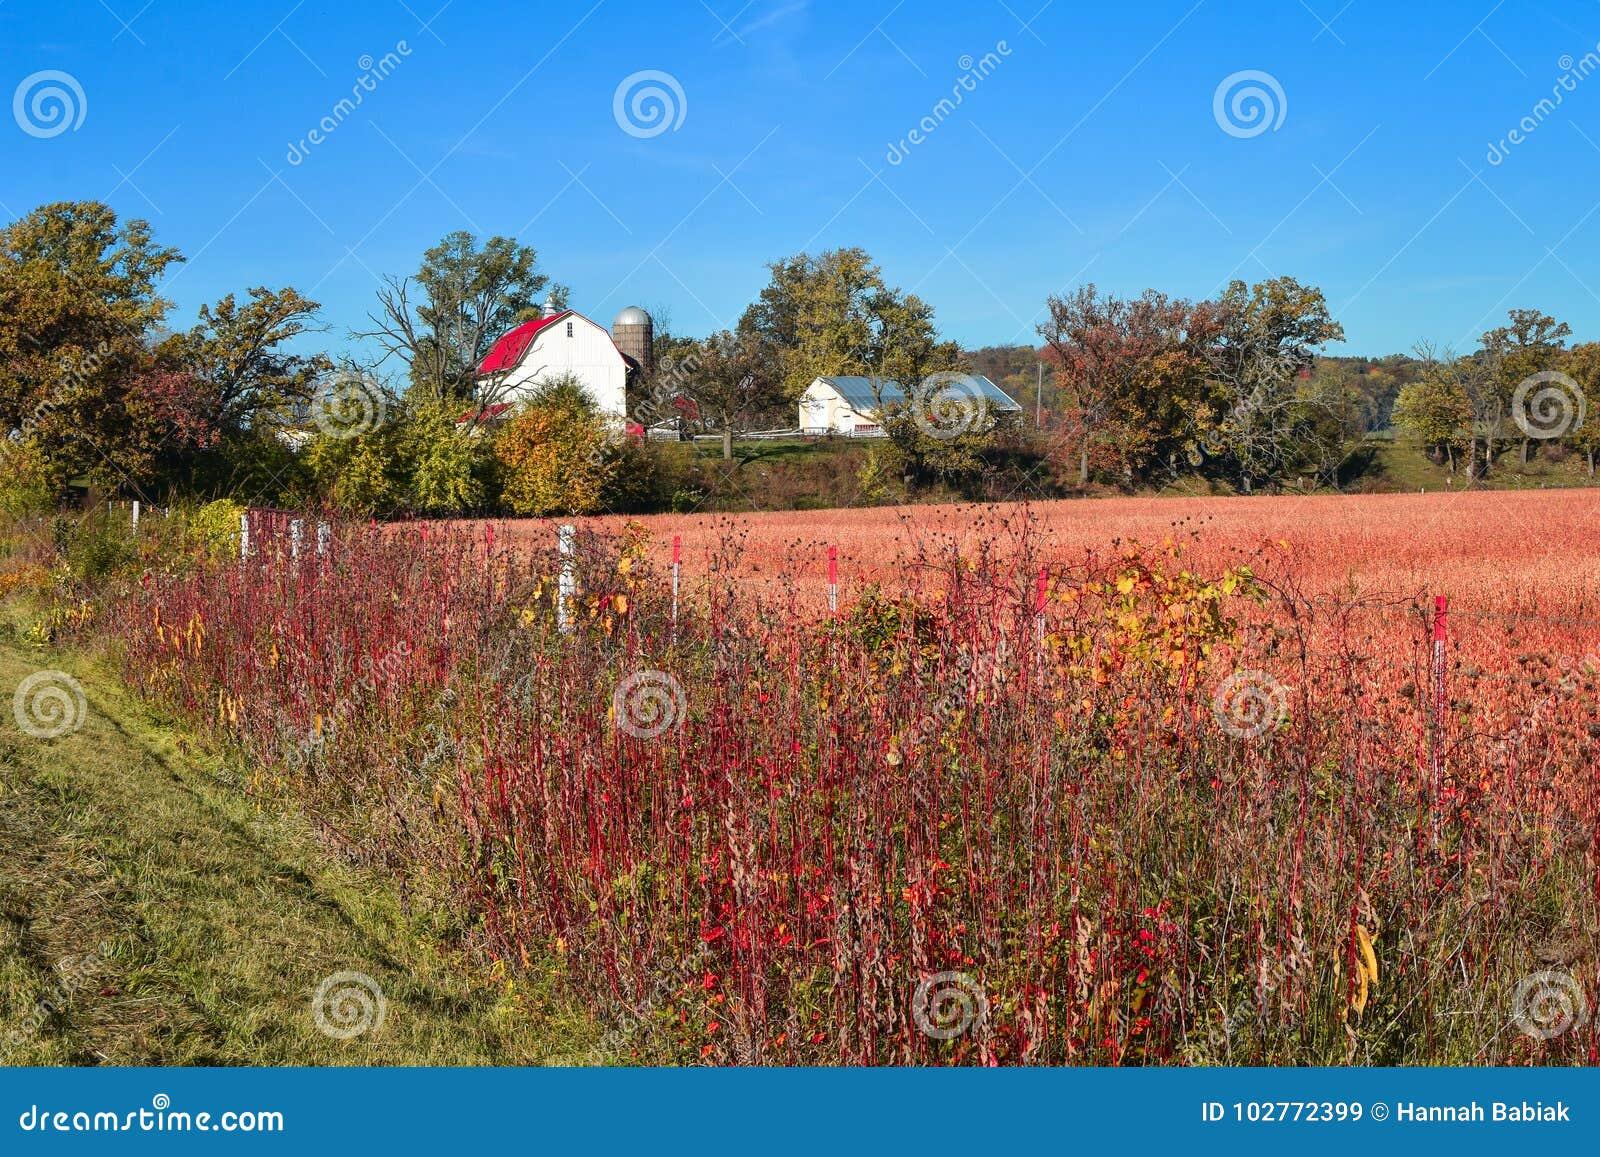 Autumn Farm Scene hermoso con el granero blanco